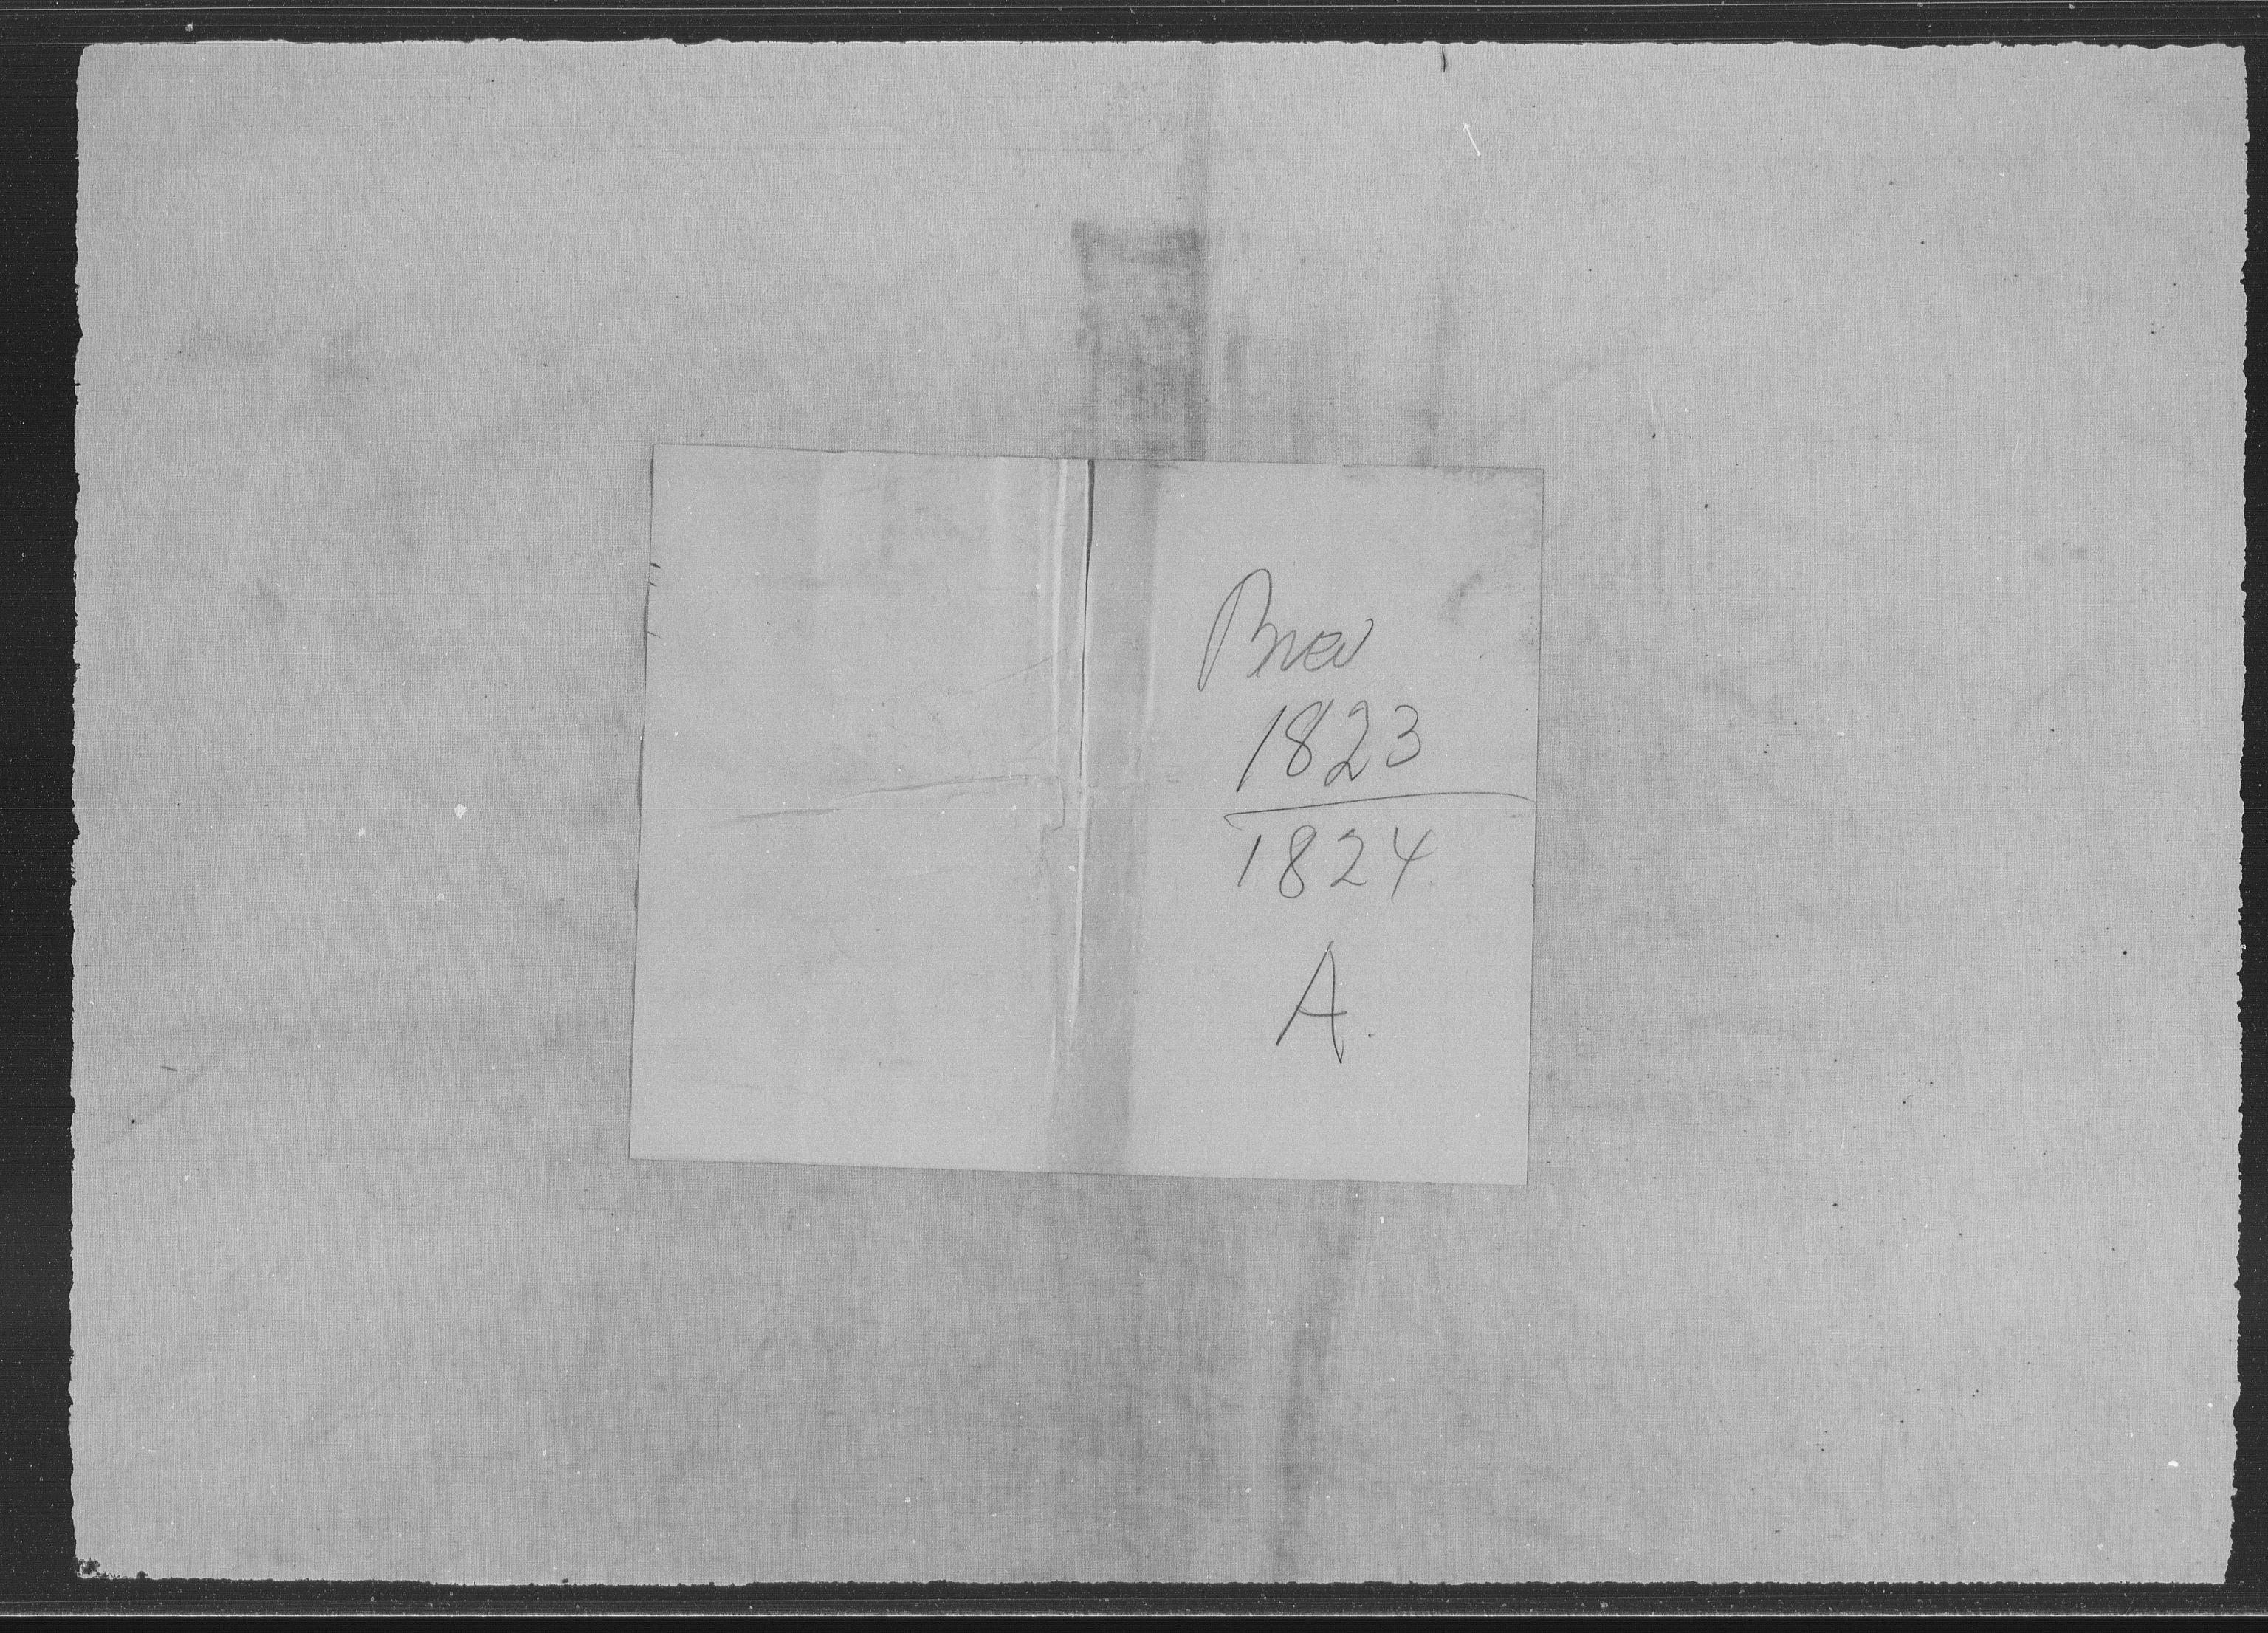 RA, Modums Blaafarveværk, G/Gb/L0091, 1823-1824, s. 2